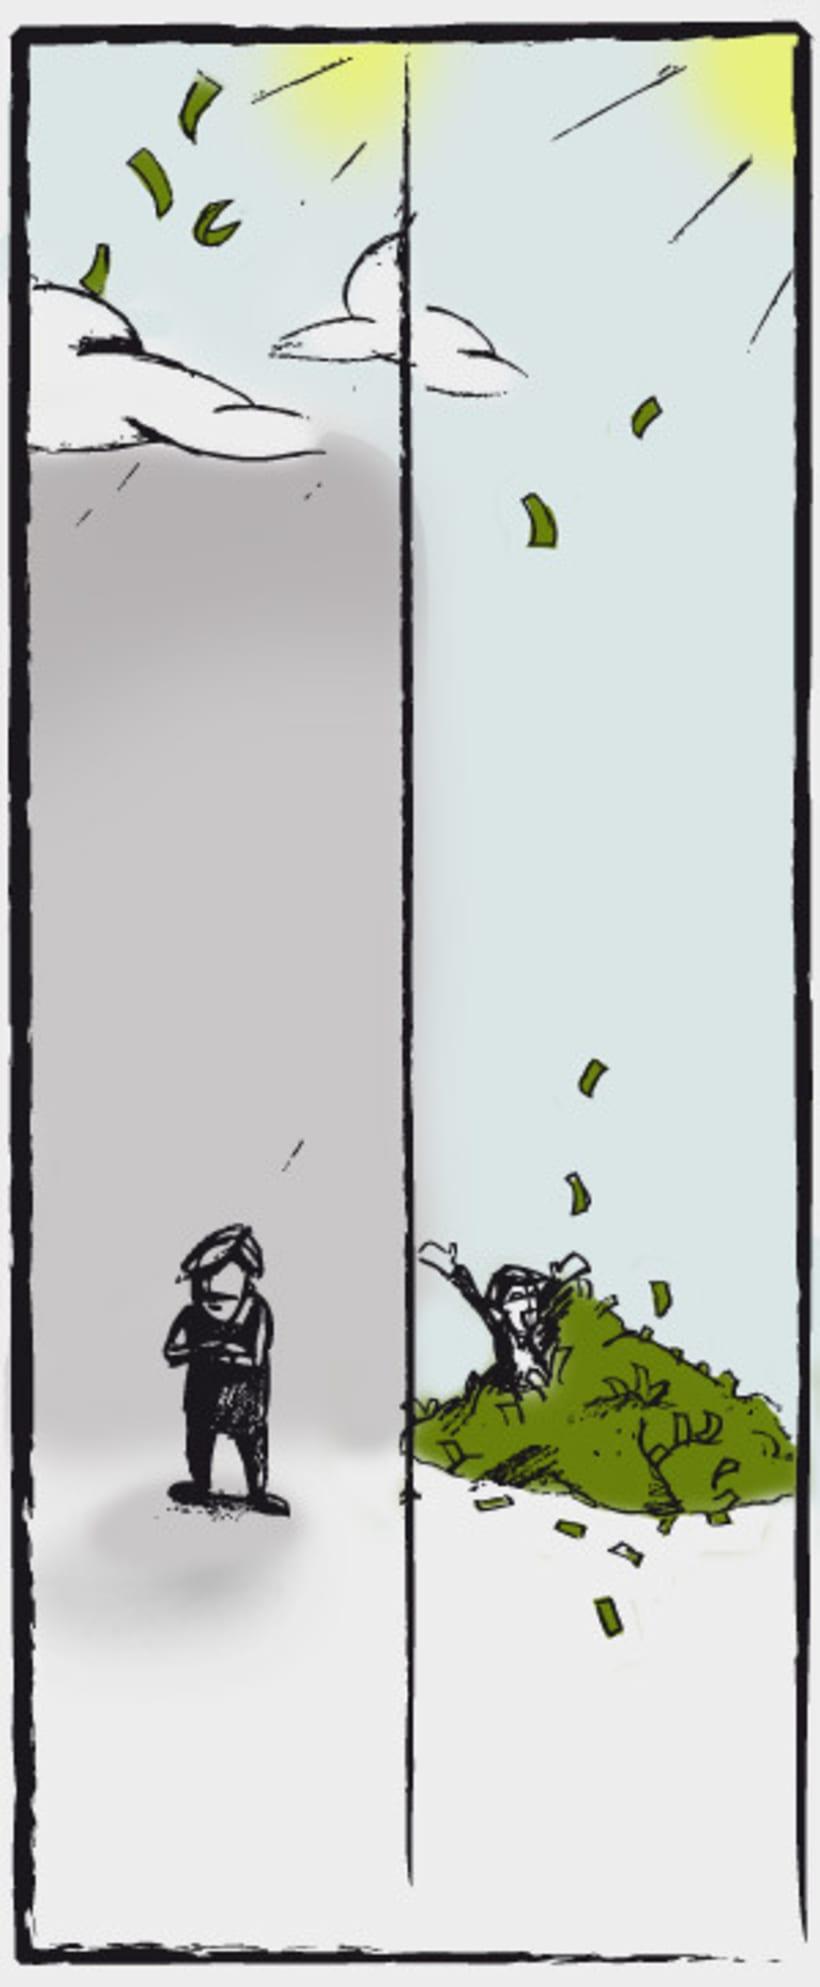 tira grafica 2